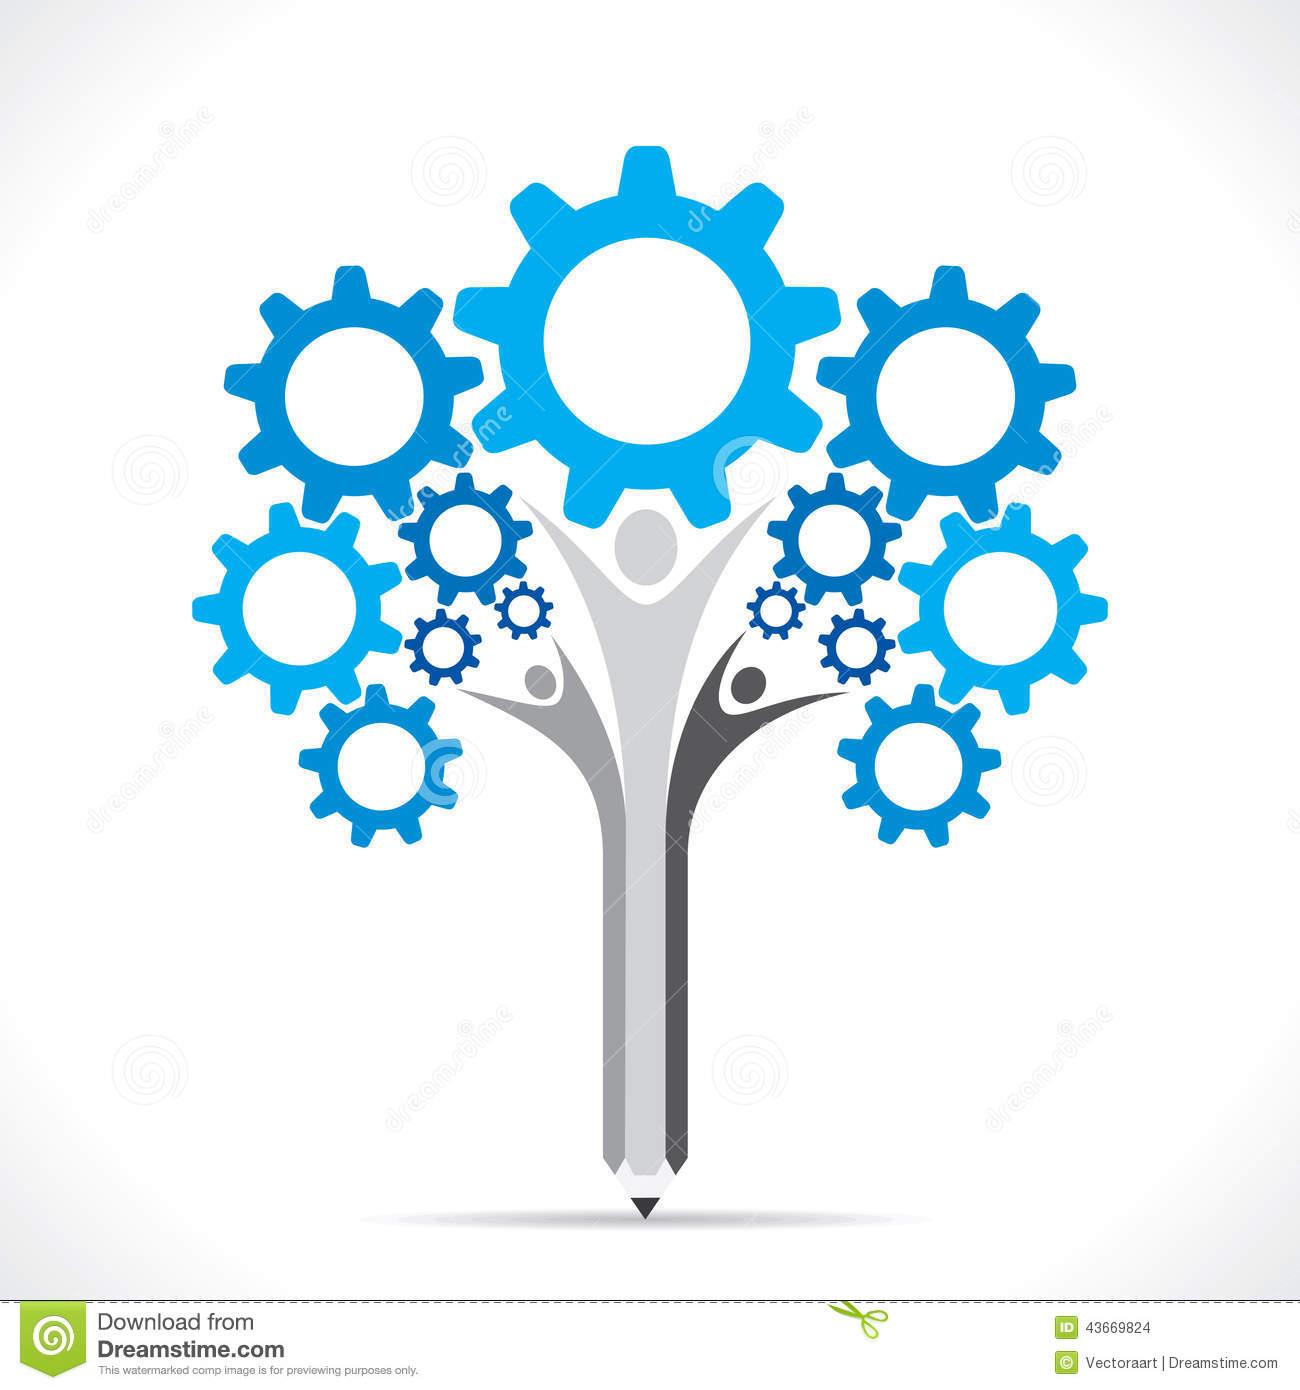 Creative Gear Pencil Tree Design Concept Stock Vector.